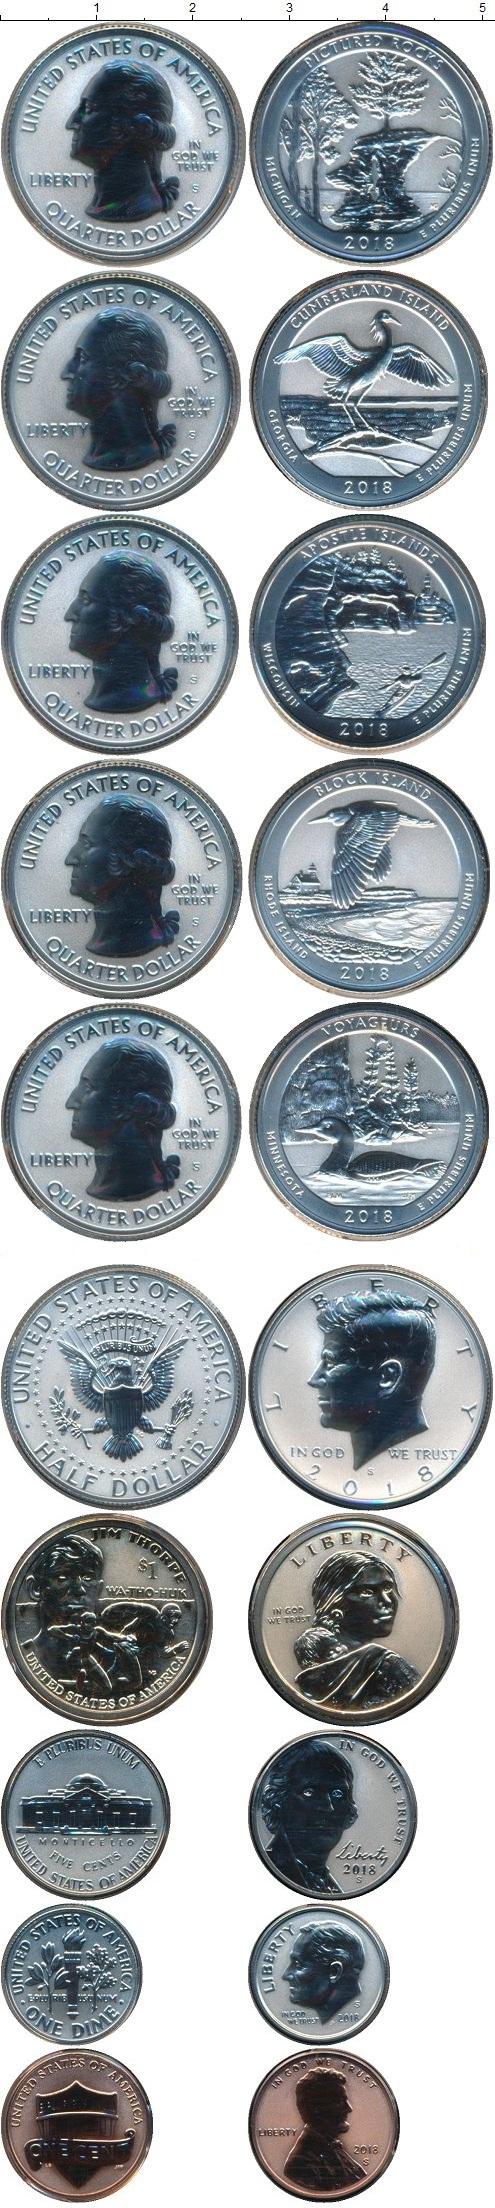 Картинка Подарочные монеты США Набор 2004-2008  2018